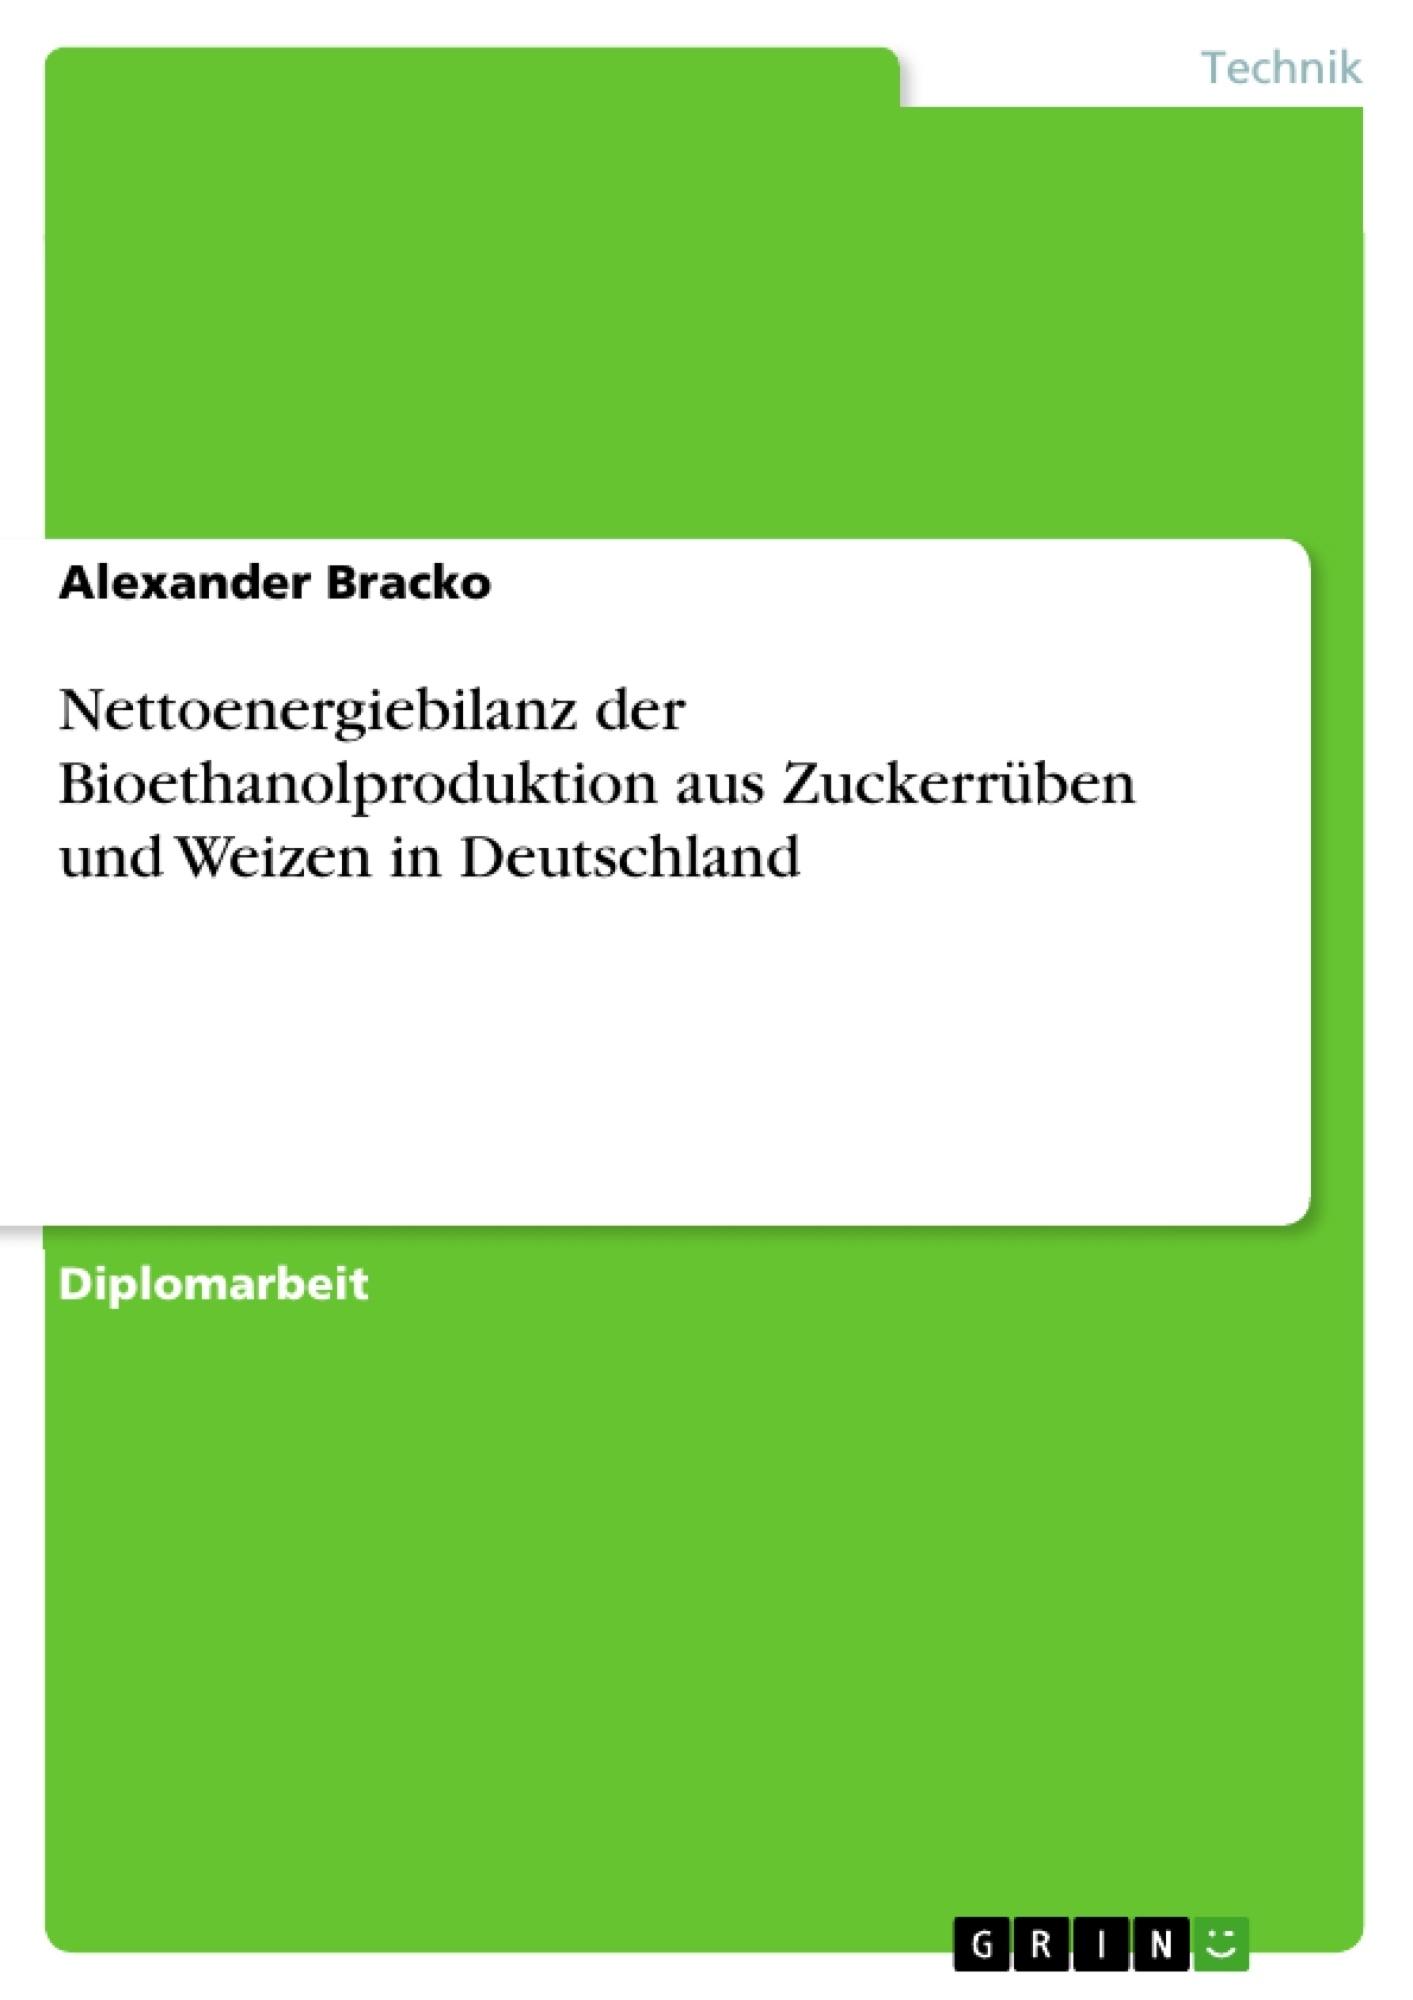 Titel: Nettoenergiebilanz der Bioethanolproduktion aus Zuckerrüben und Weizen in Deutschland